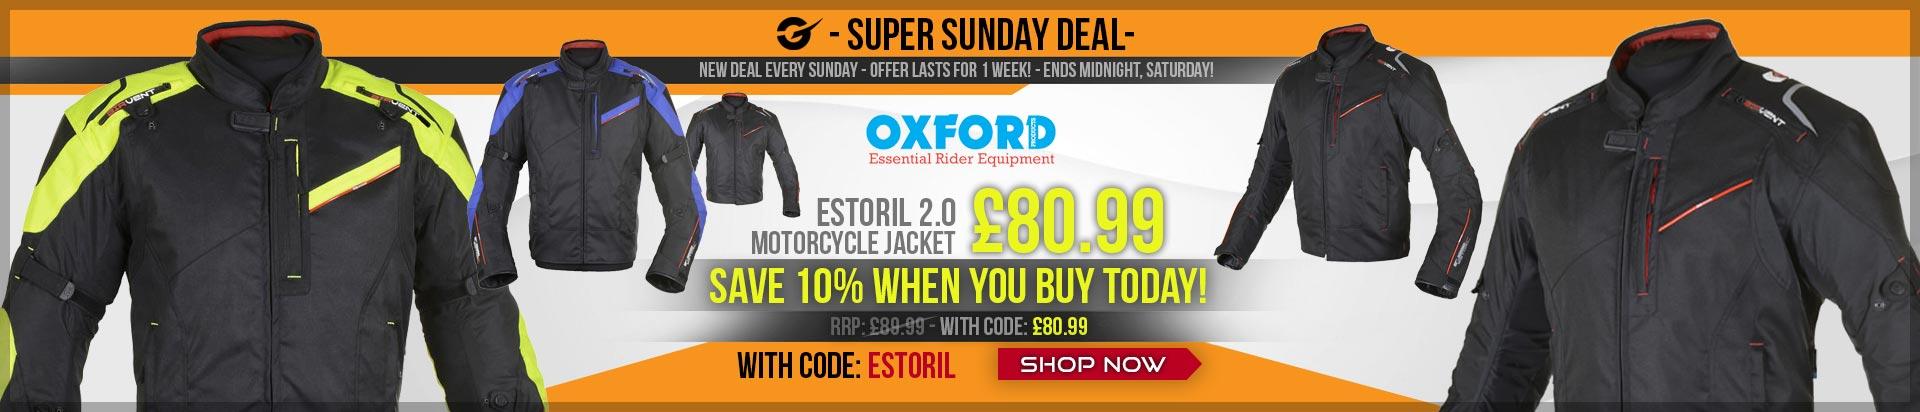 SS Oxford Estoril